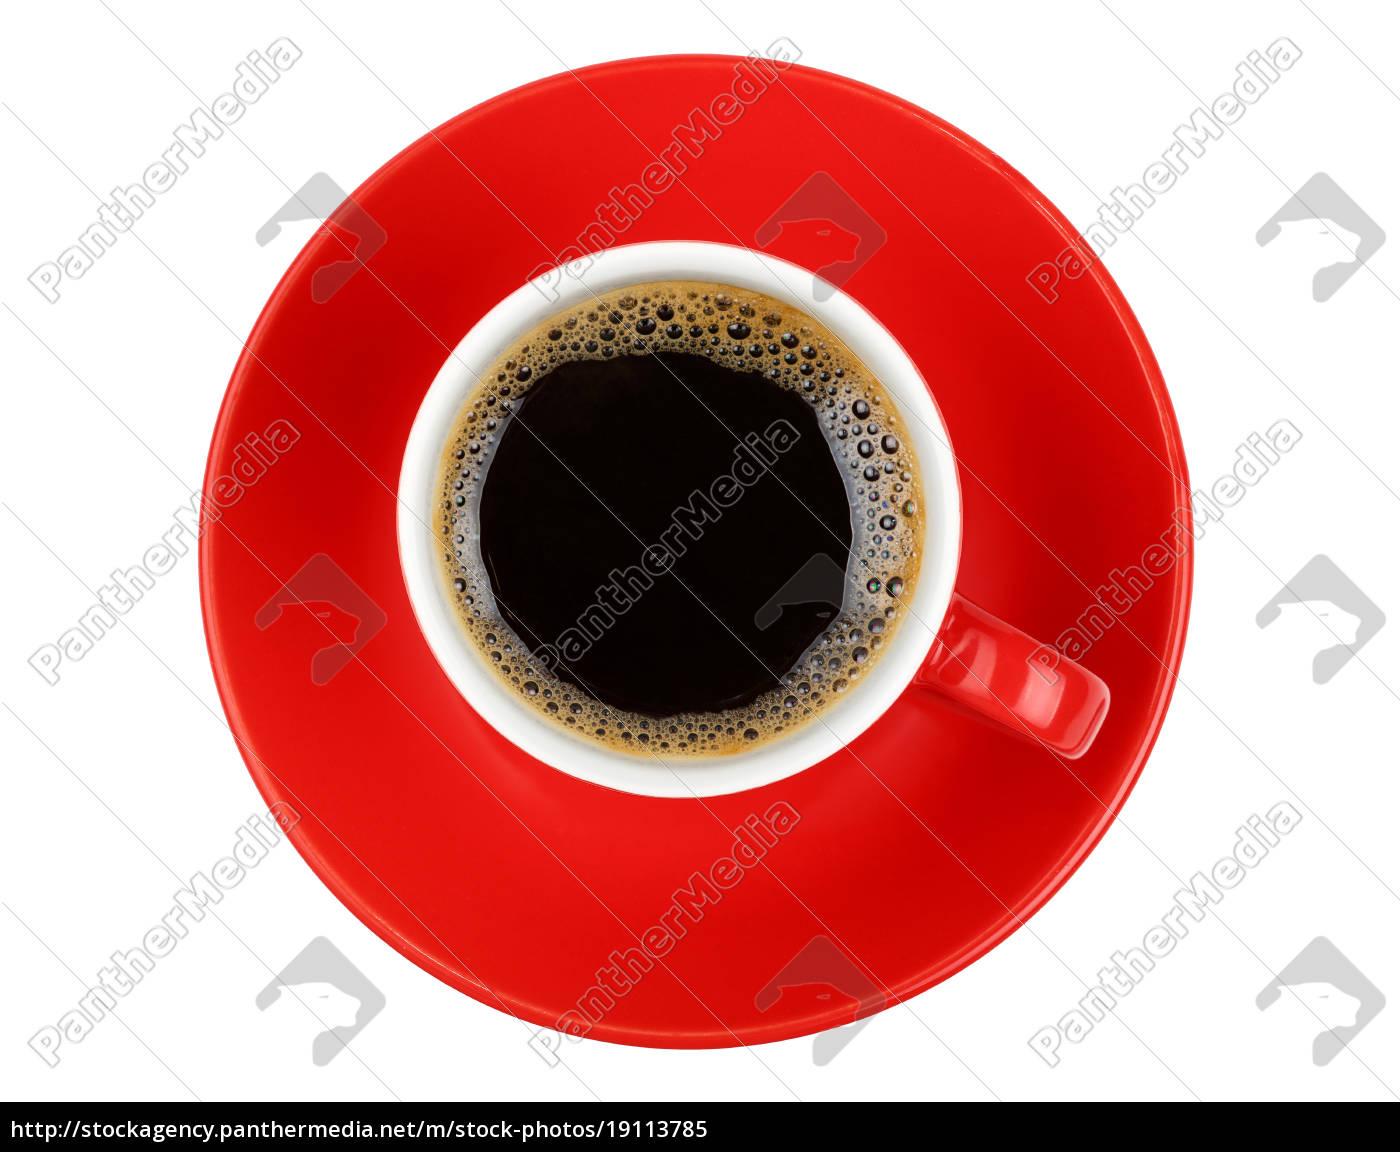 americano, kaffee, in, rot, tasse, isoliert - 19113785